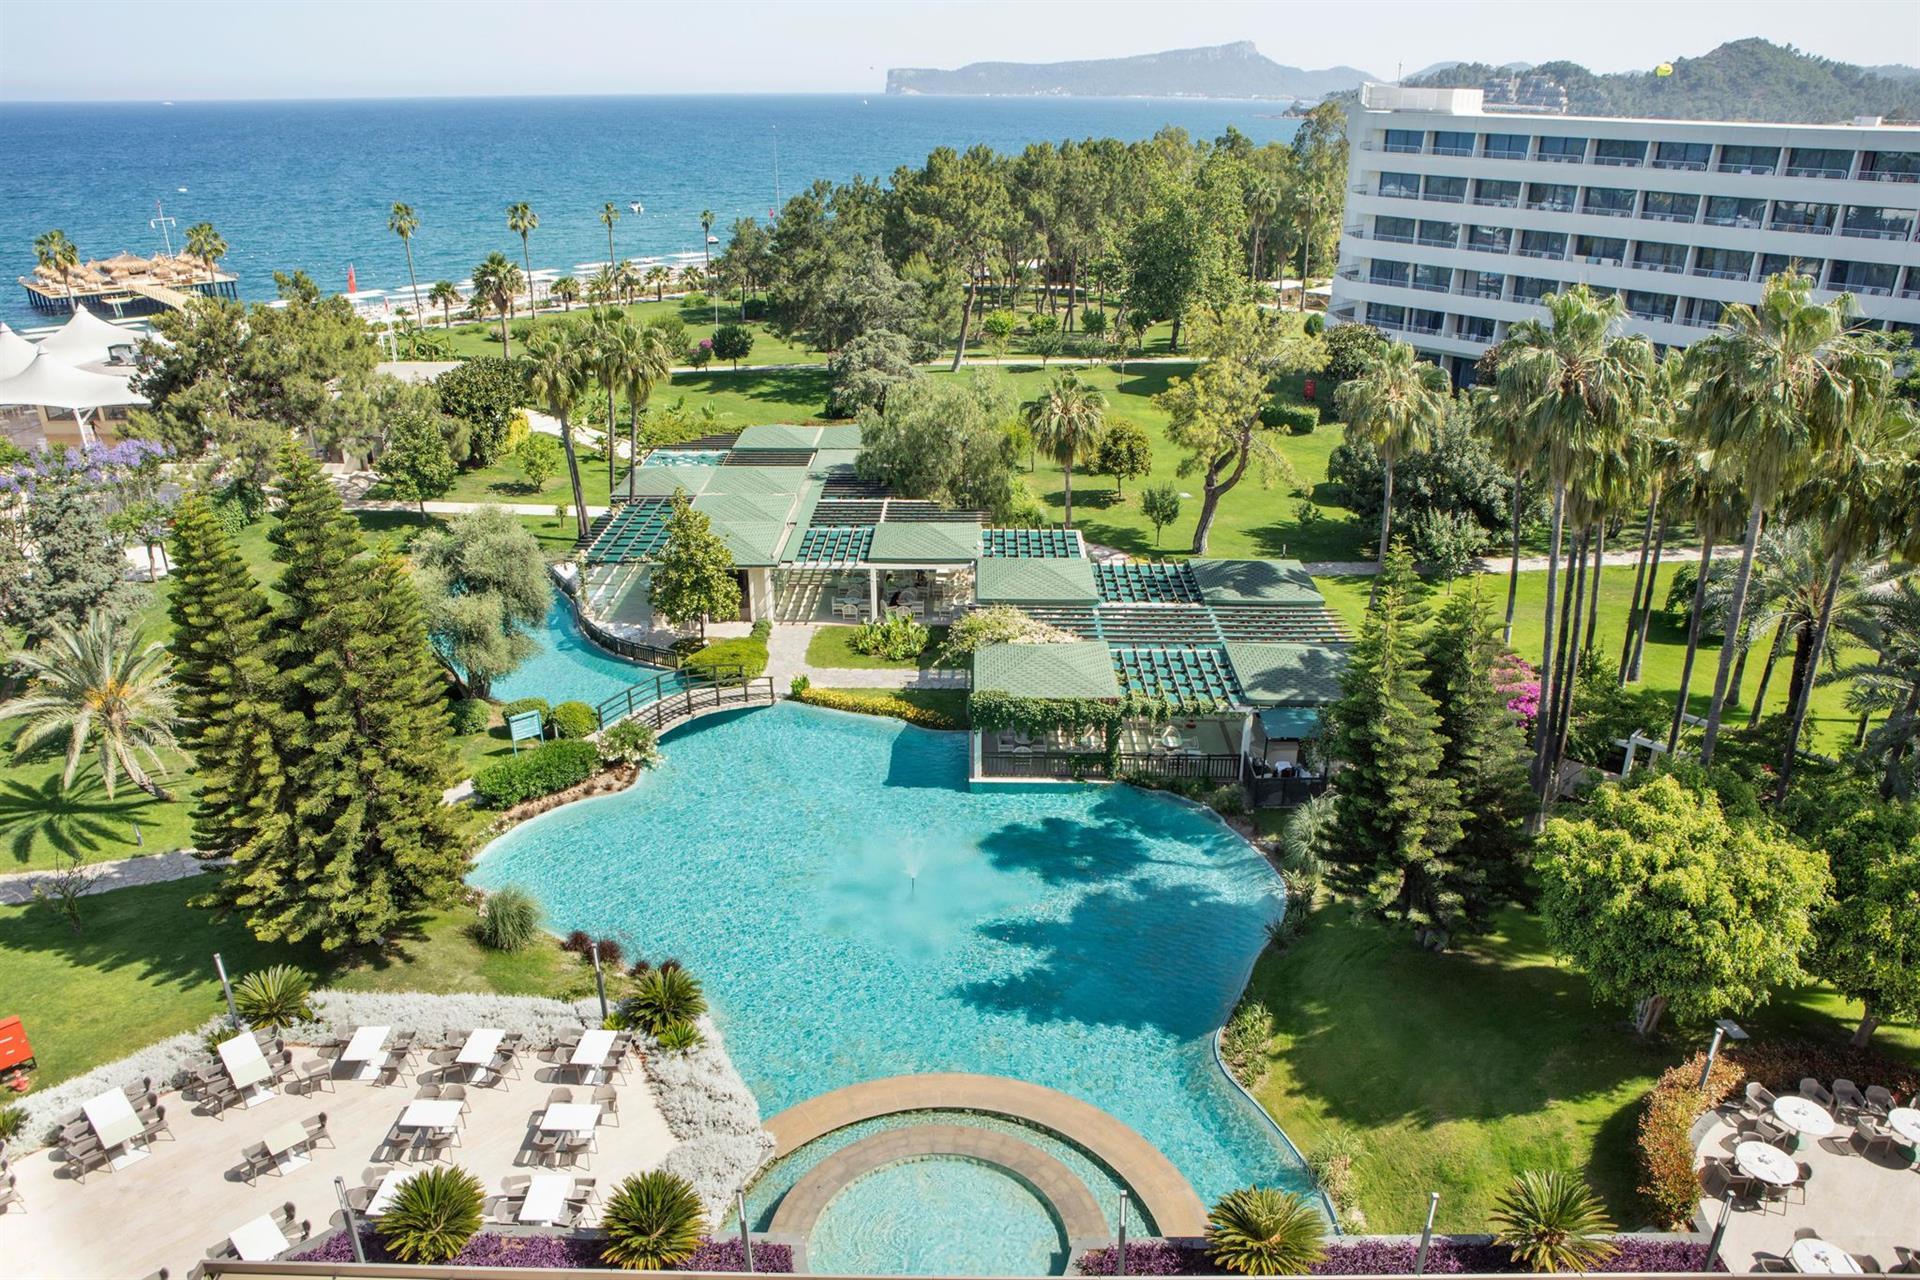 Качественный отдых в Турции в отеле MIRAGE PARK RESORT !!!